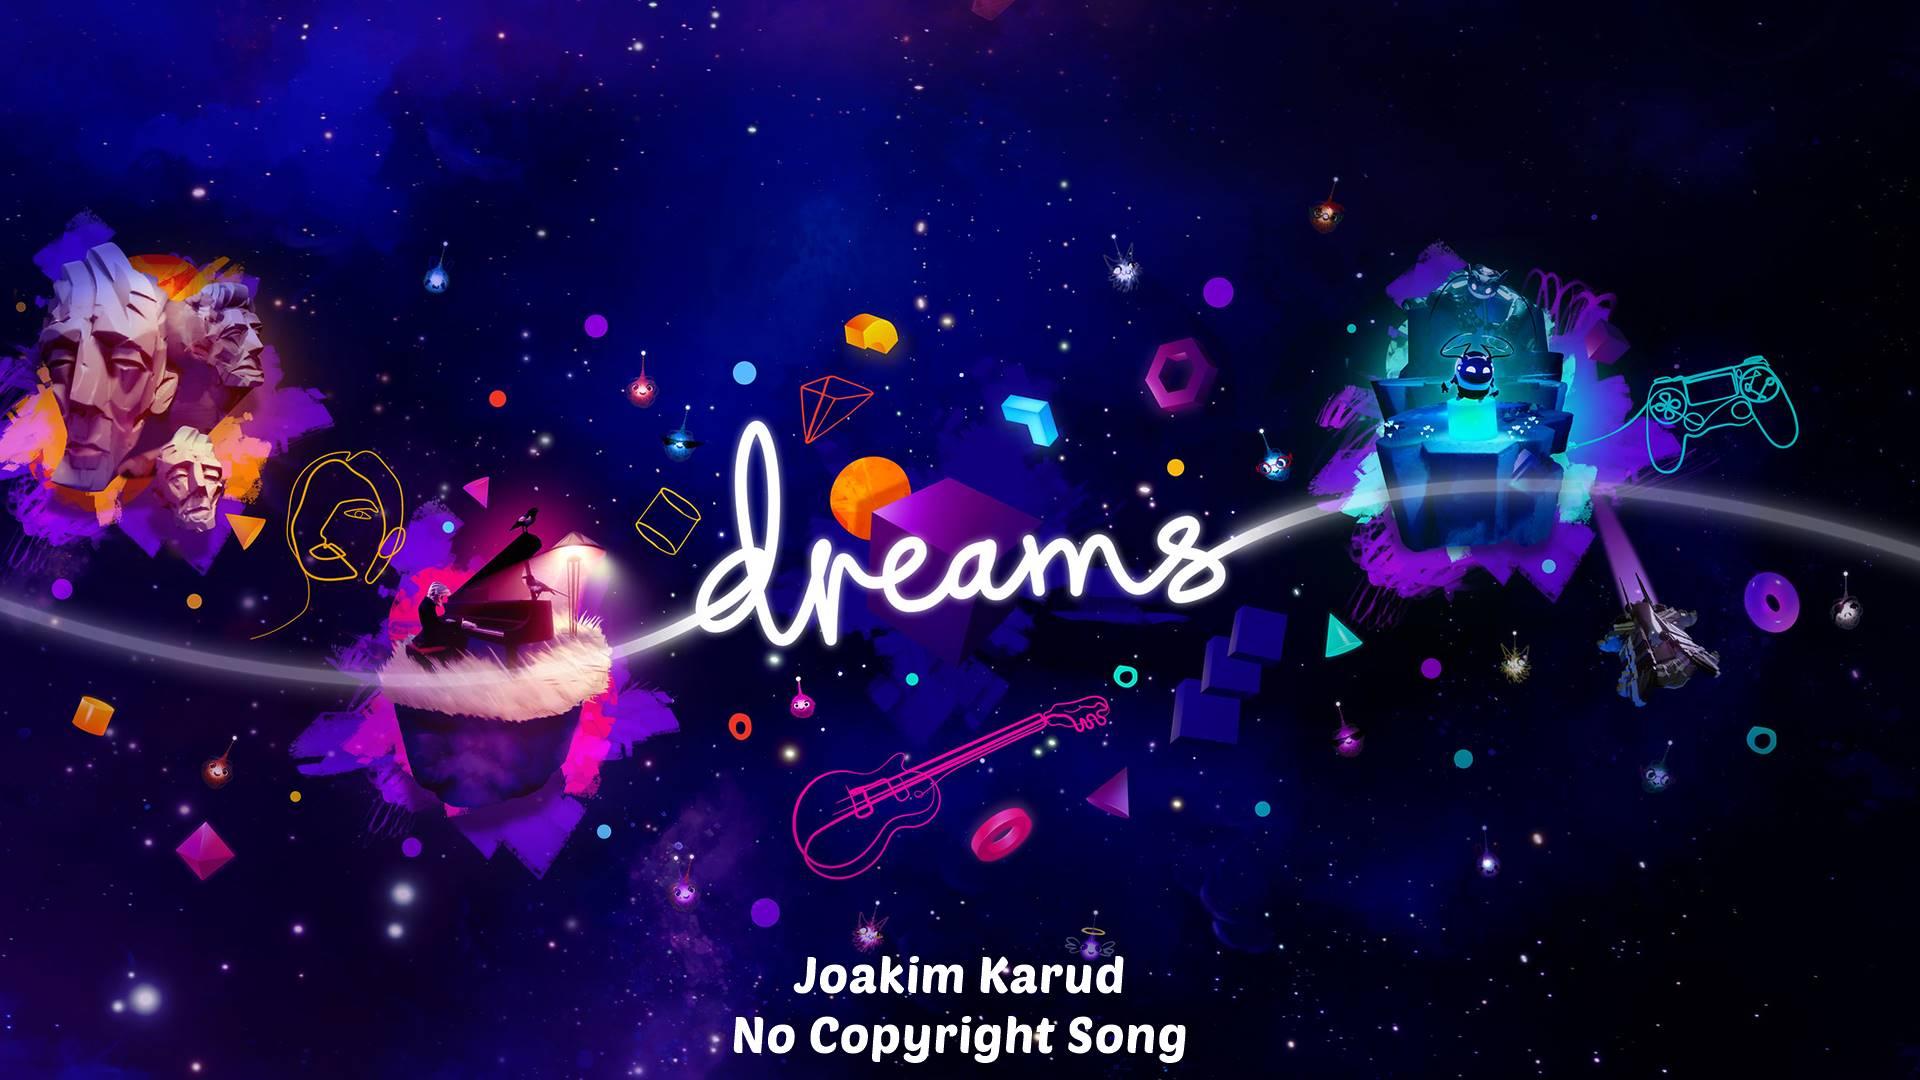 Dreams - Joakim Karud MP3 (Musik Tanpa Hak Cipta / NCS)